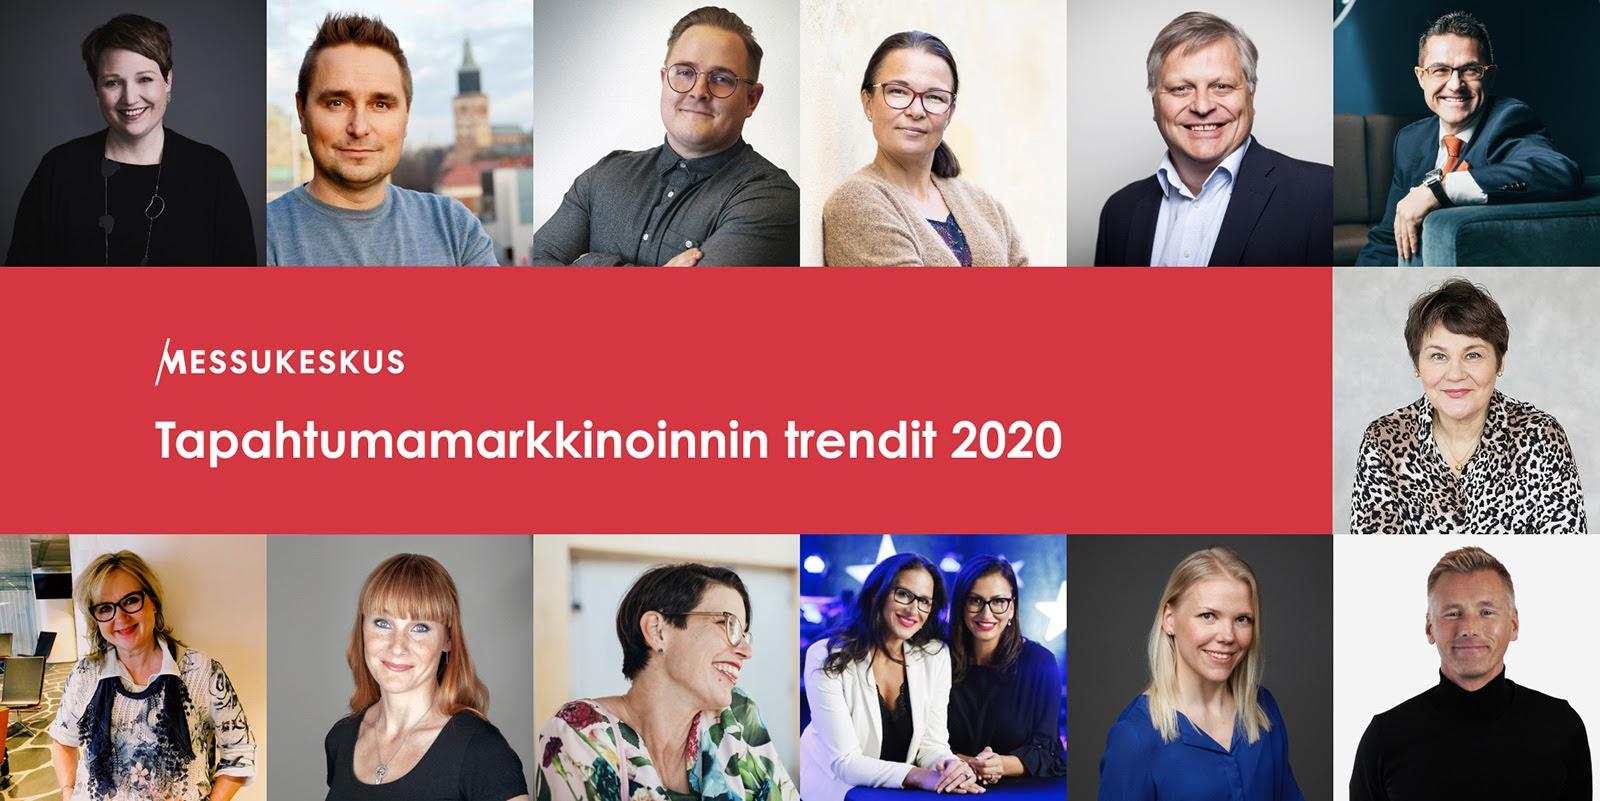 [Trendiraportti] Miltä tapahtumamarkkinointi näyttää vuonna 2020?